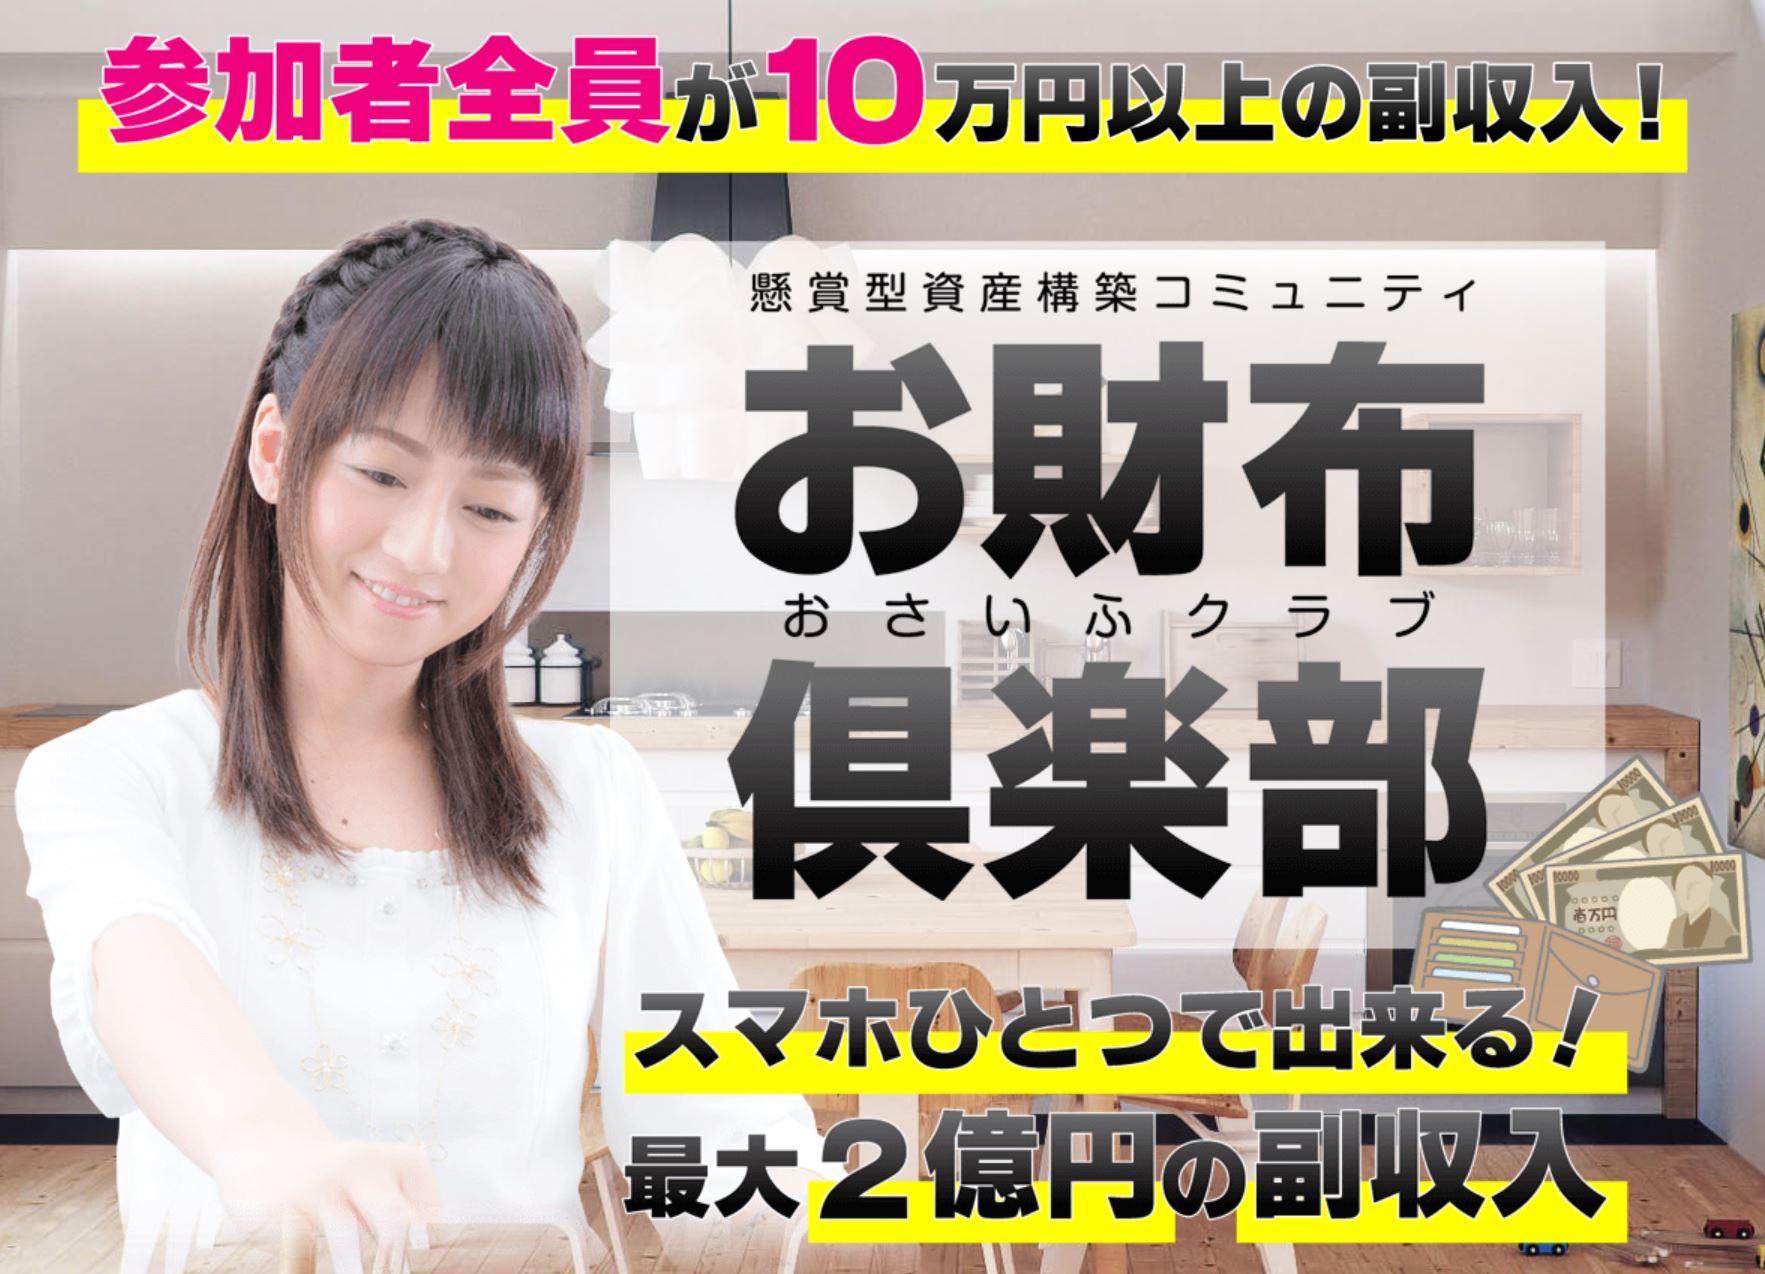 参加者全員 10万円以上 お財布倶楽部は稼げる?副業調査